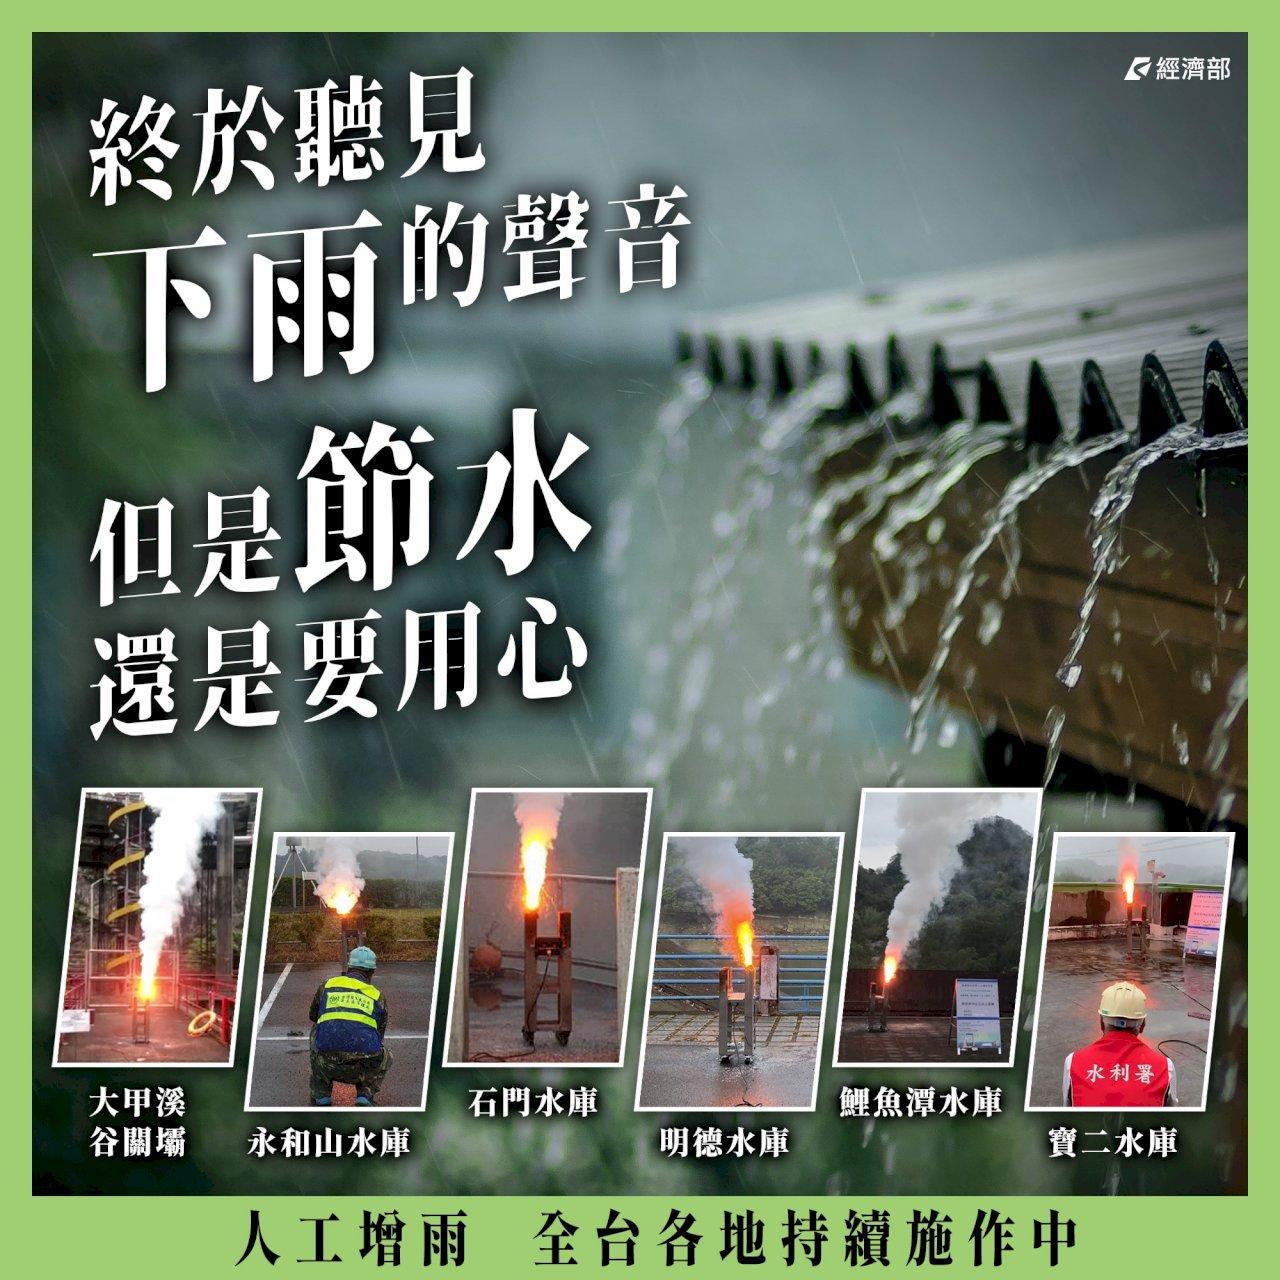 鋒面通過降雨 全台水庫可望入帳逾280萬噸